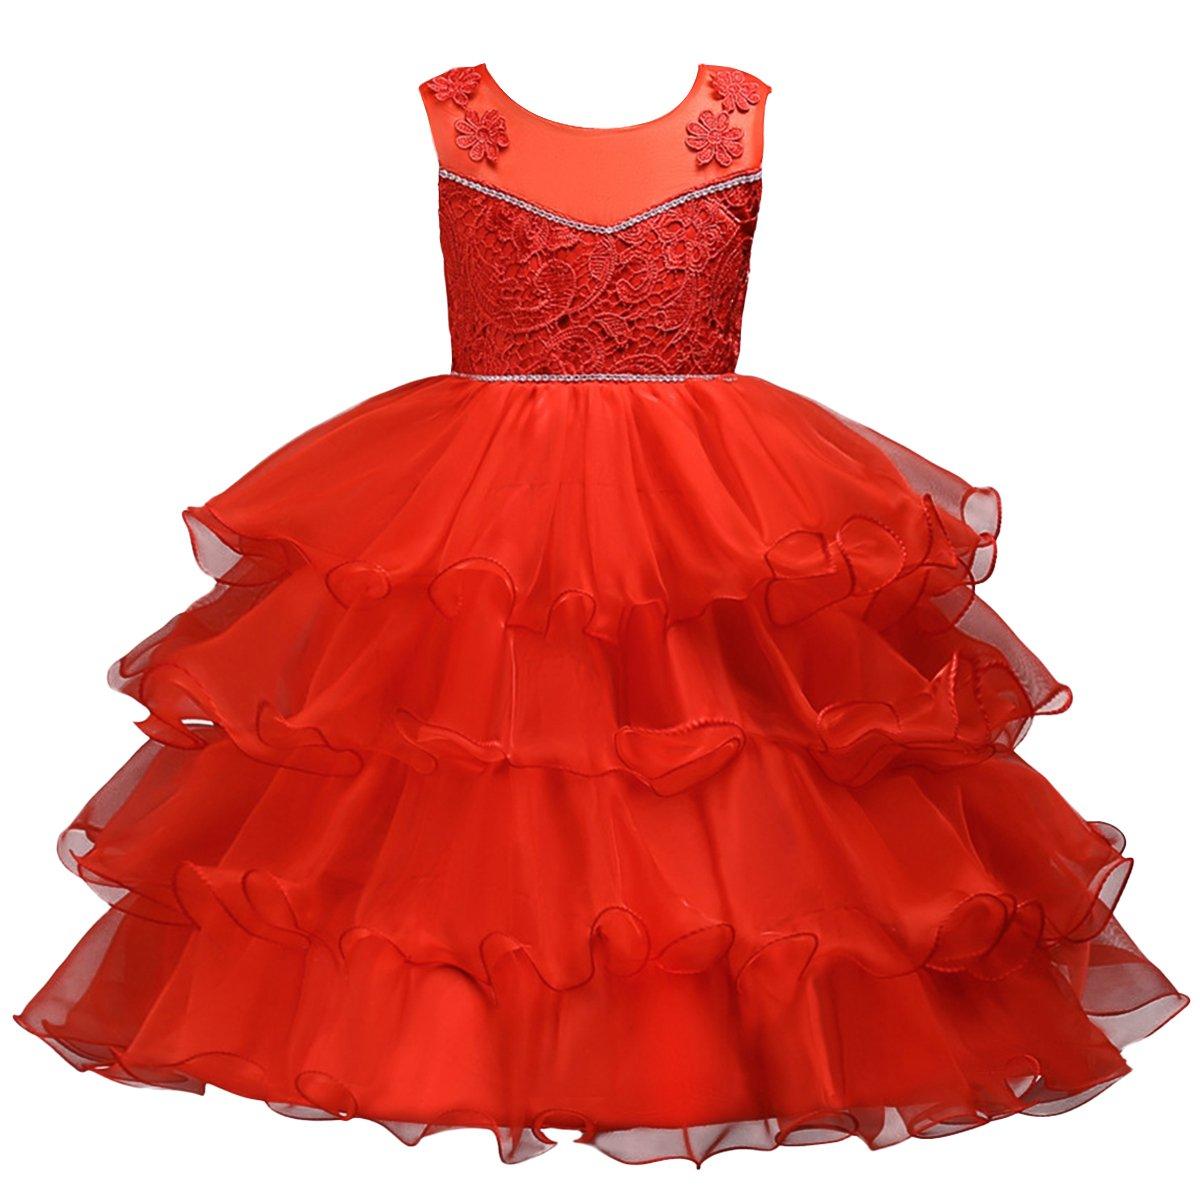 IBTOM CASTLE Girl Lace Party Wedding Flower Lace Dresses Graduation Princess Gown